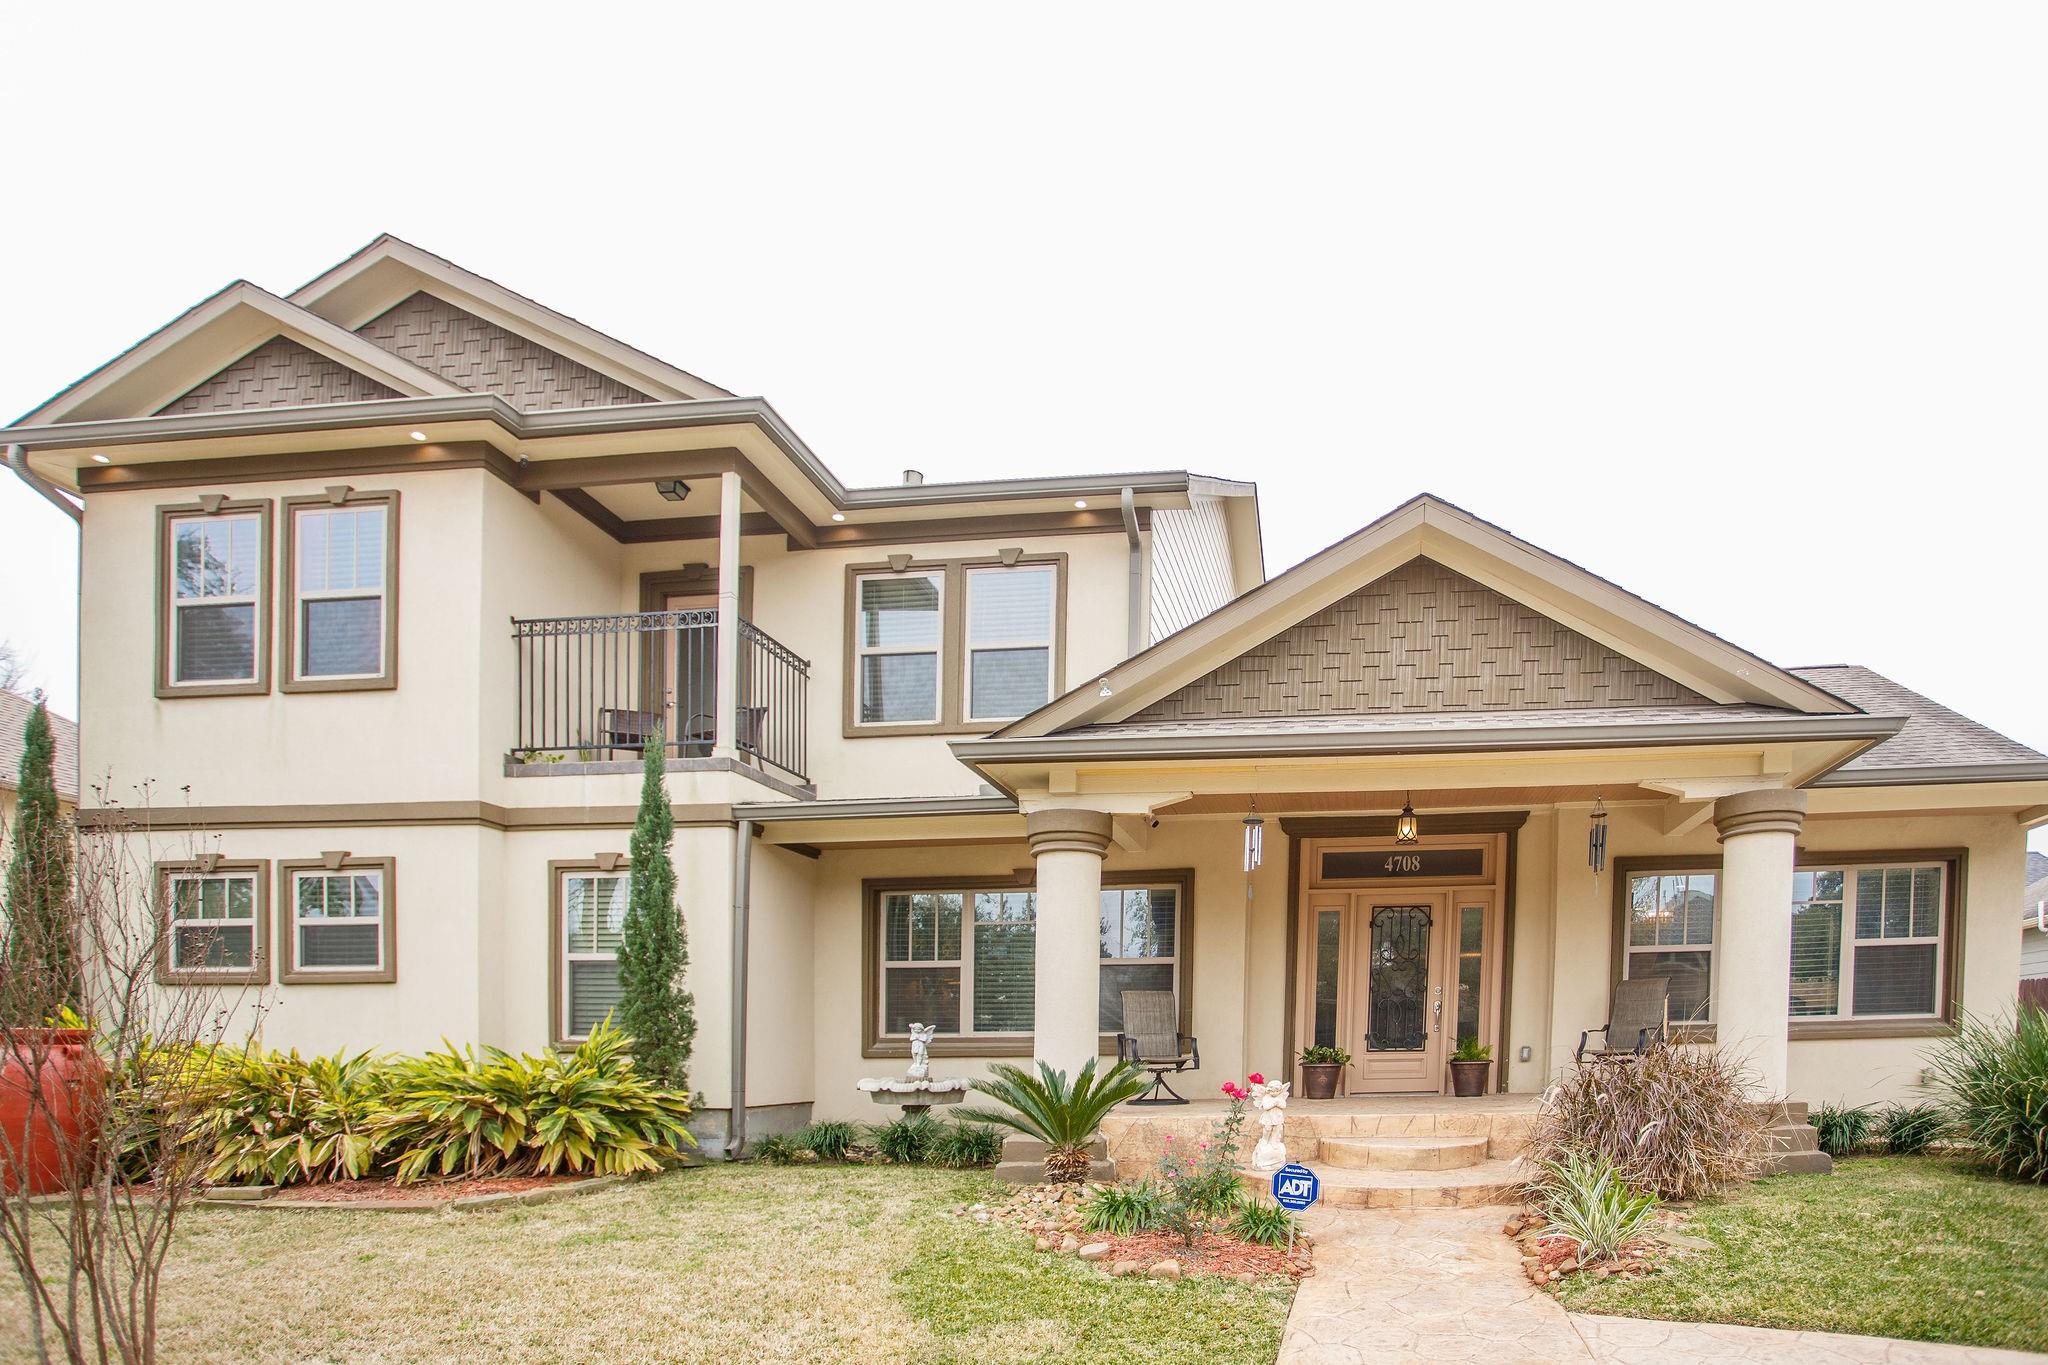 4708 Mckinney Street Property Photo - Houston, TX real estate listing